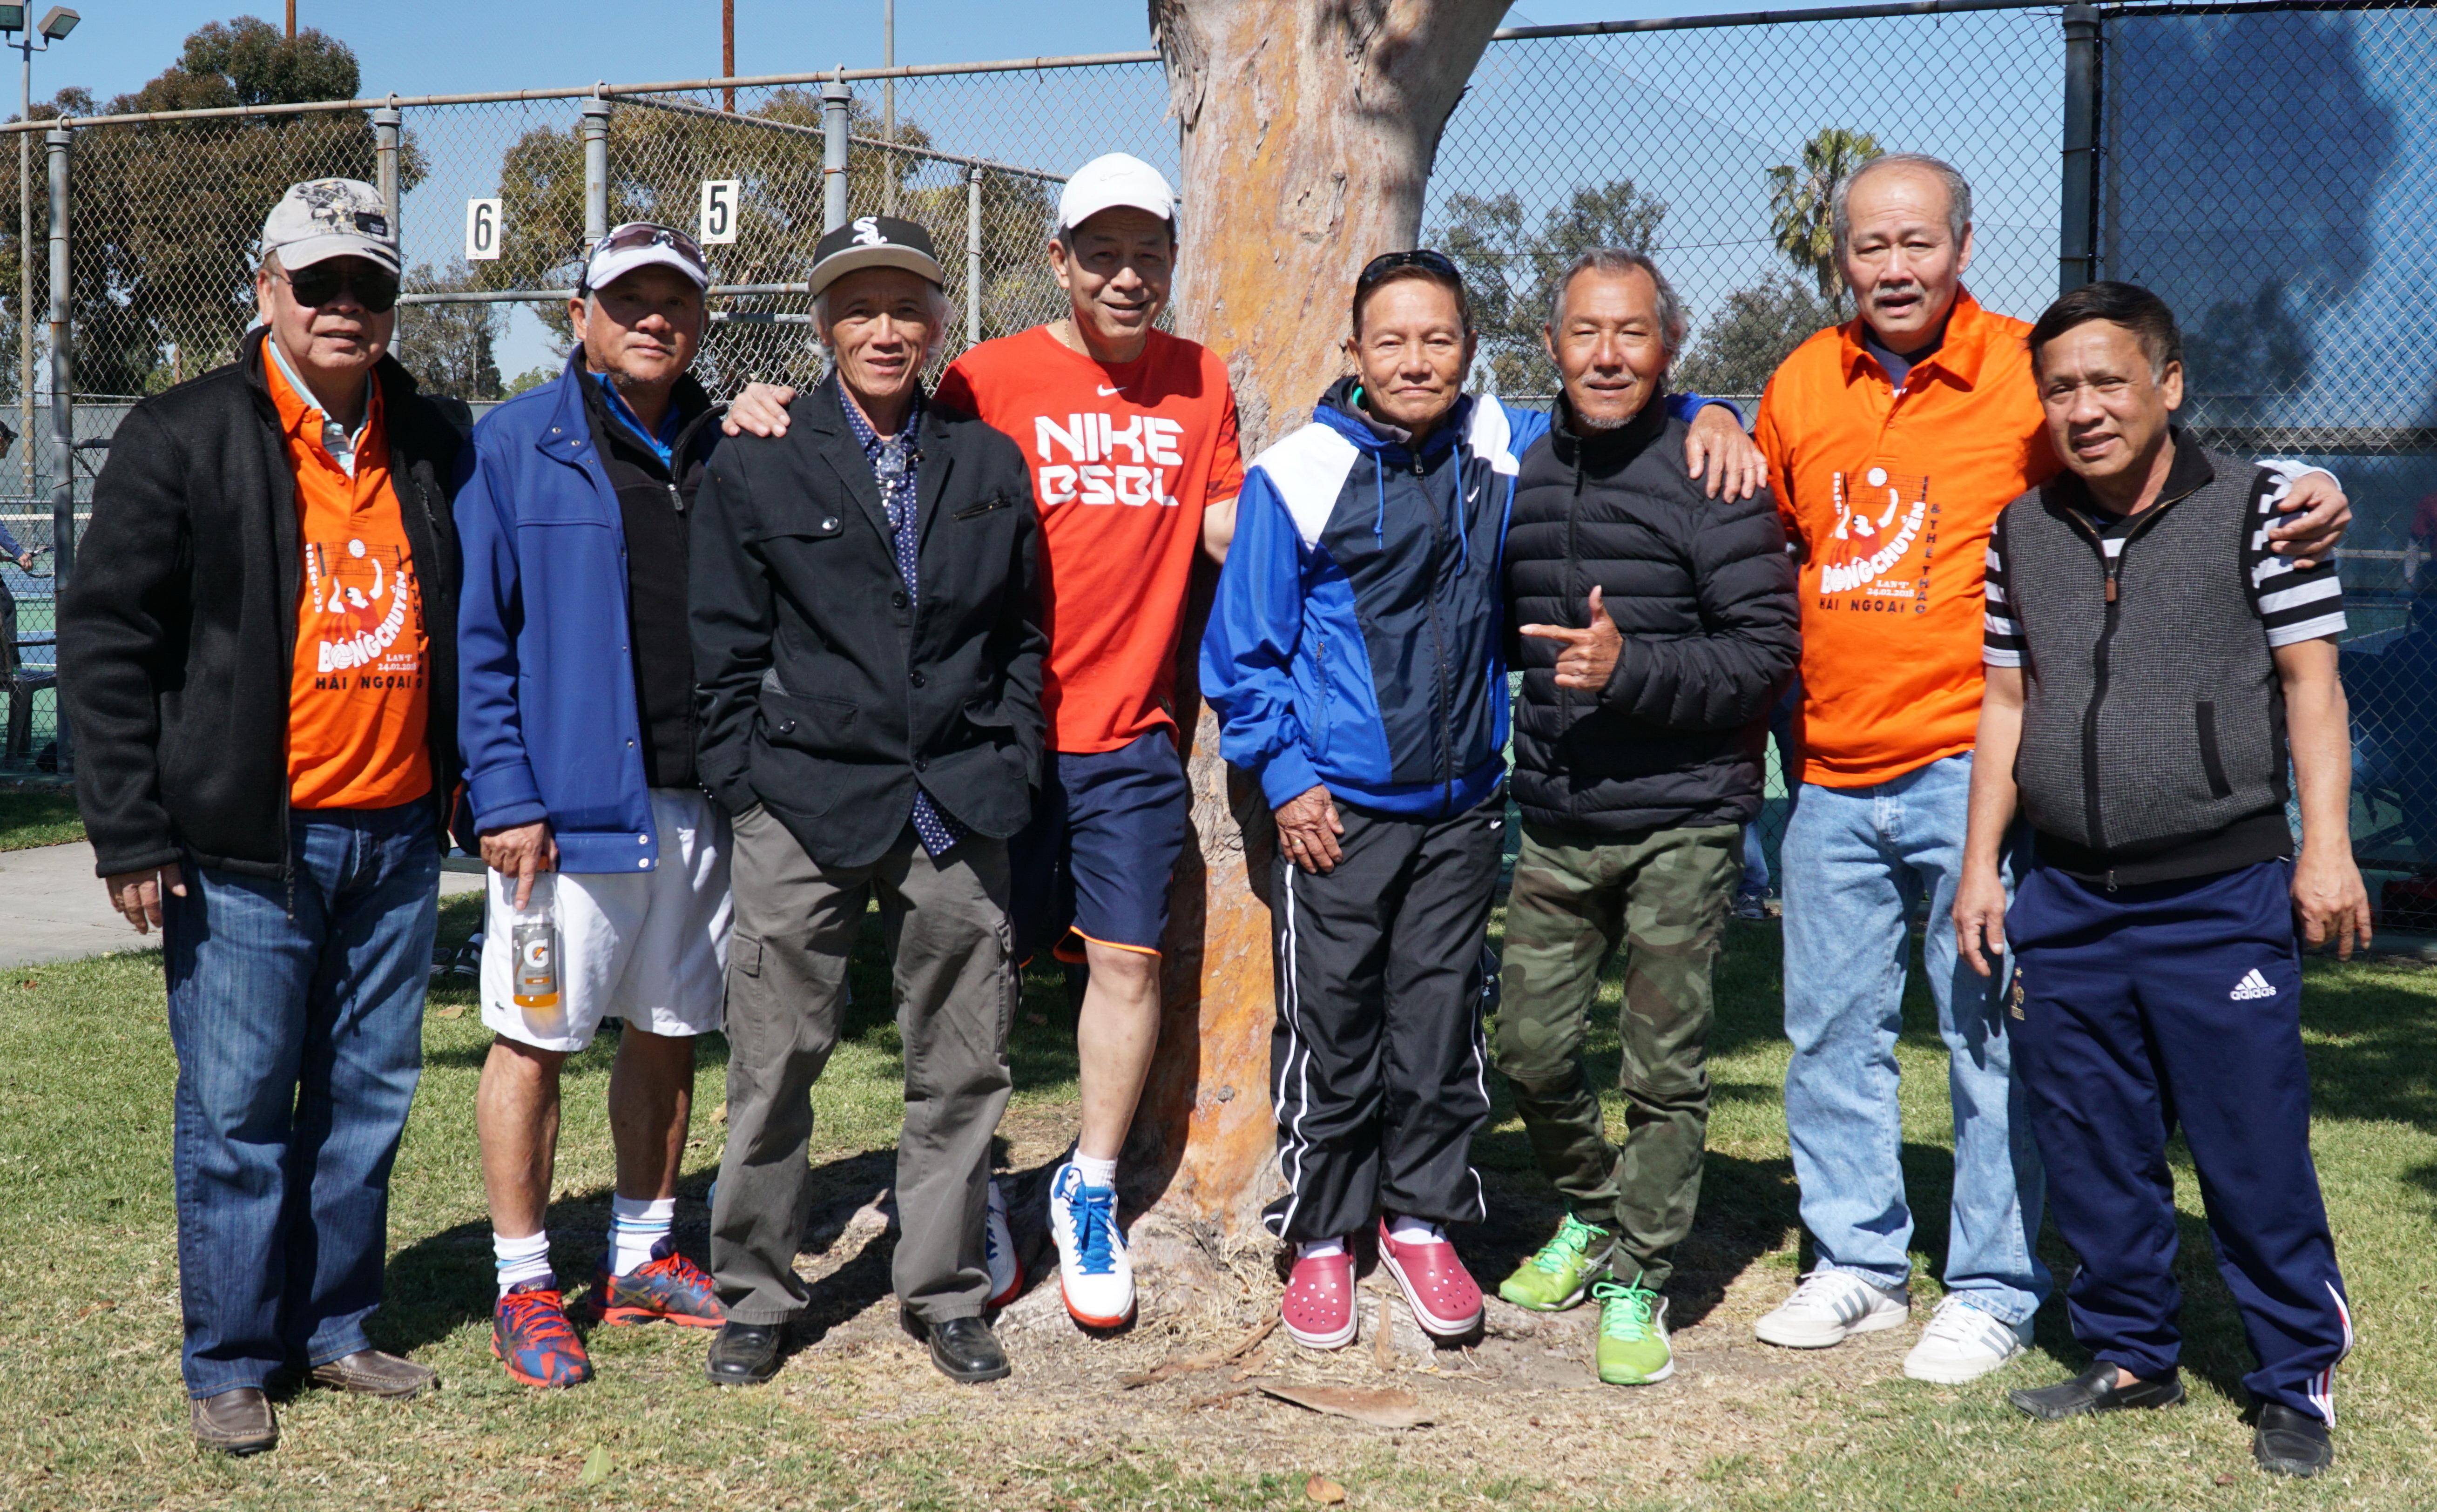 Cựu vua phá lưới giải quốc gia trong màu áo đội Sở Công Nghiệp Võ Thành Sơn (bìa trái) cùng những cựu VĐV tại cuộc hội ngộ Ảnh: S.HUYÊN